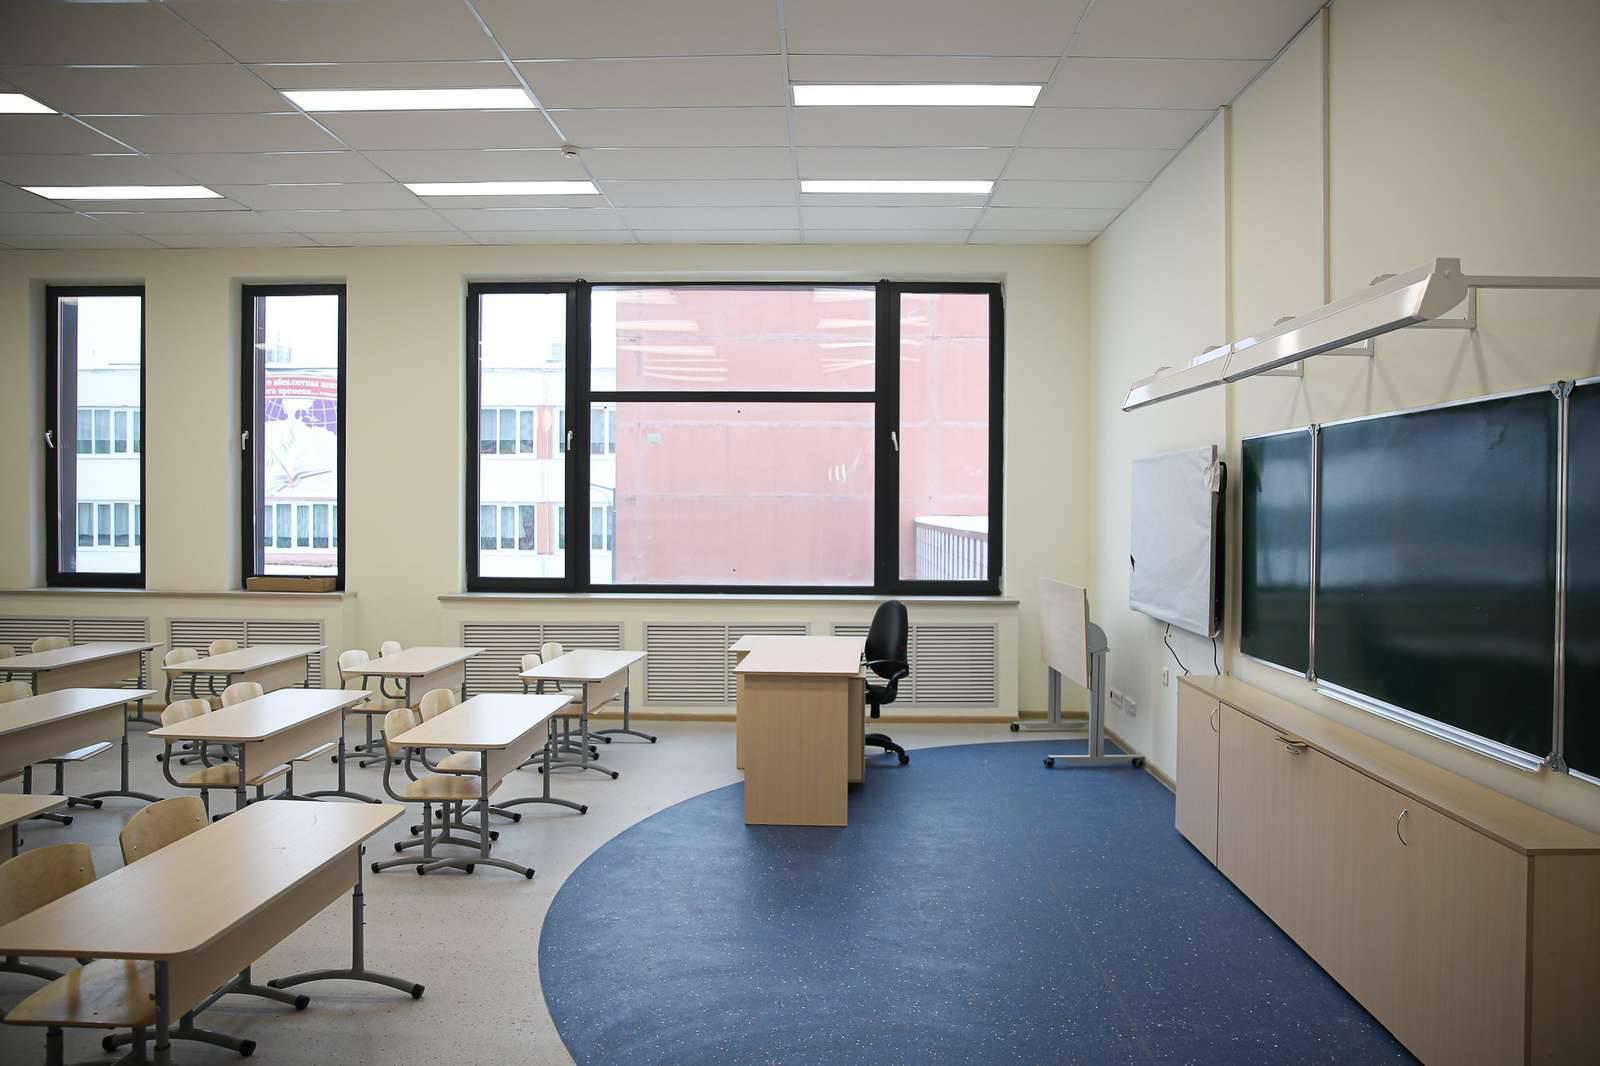 Свыше 10 школ Подмосковья вошло в число лучших в России | Изображение 2